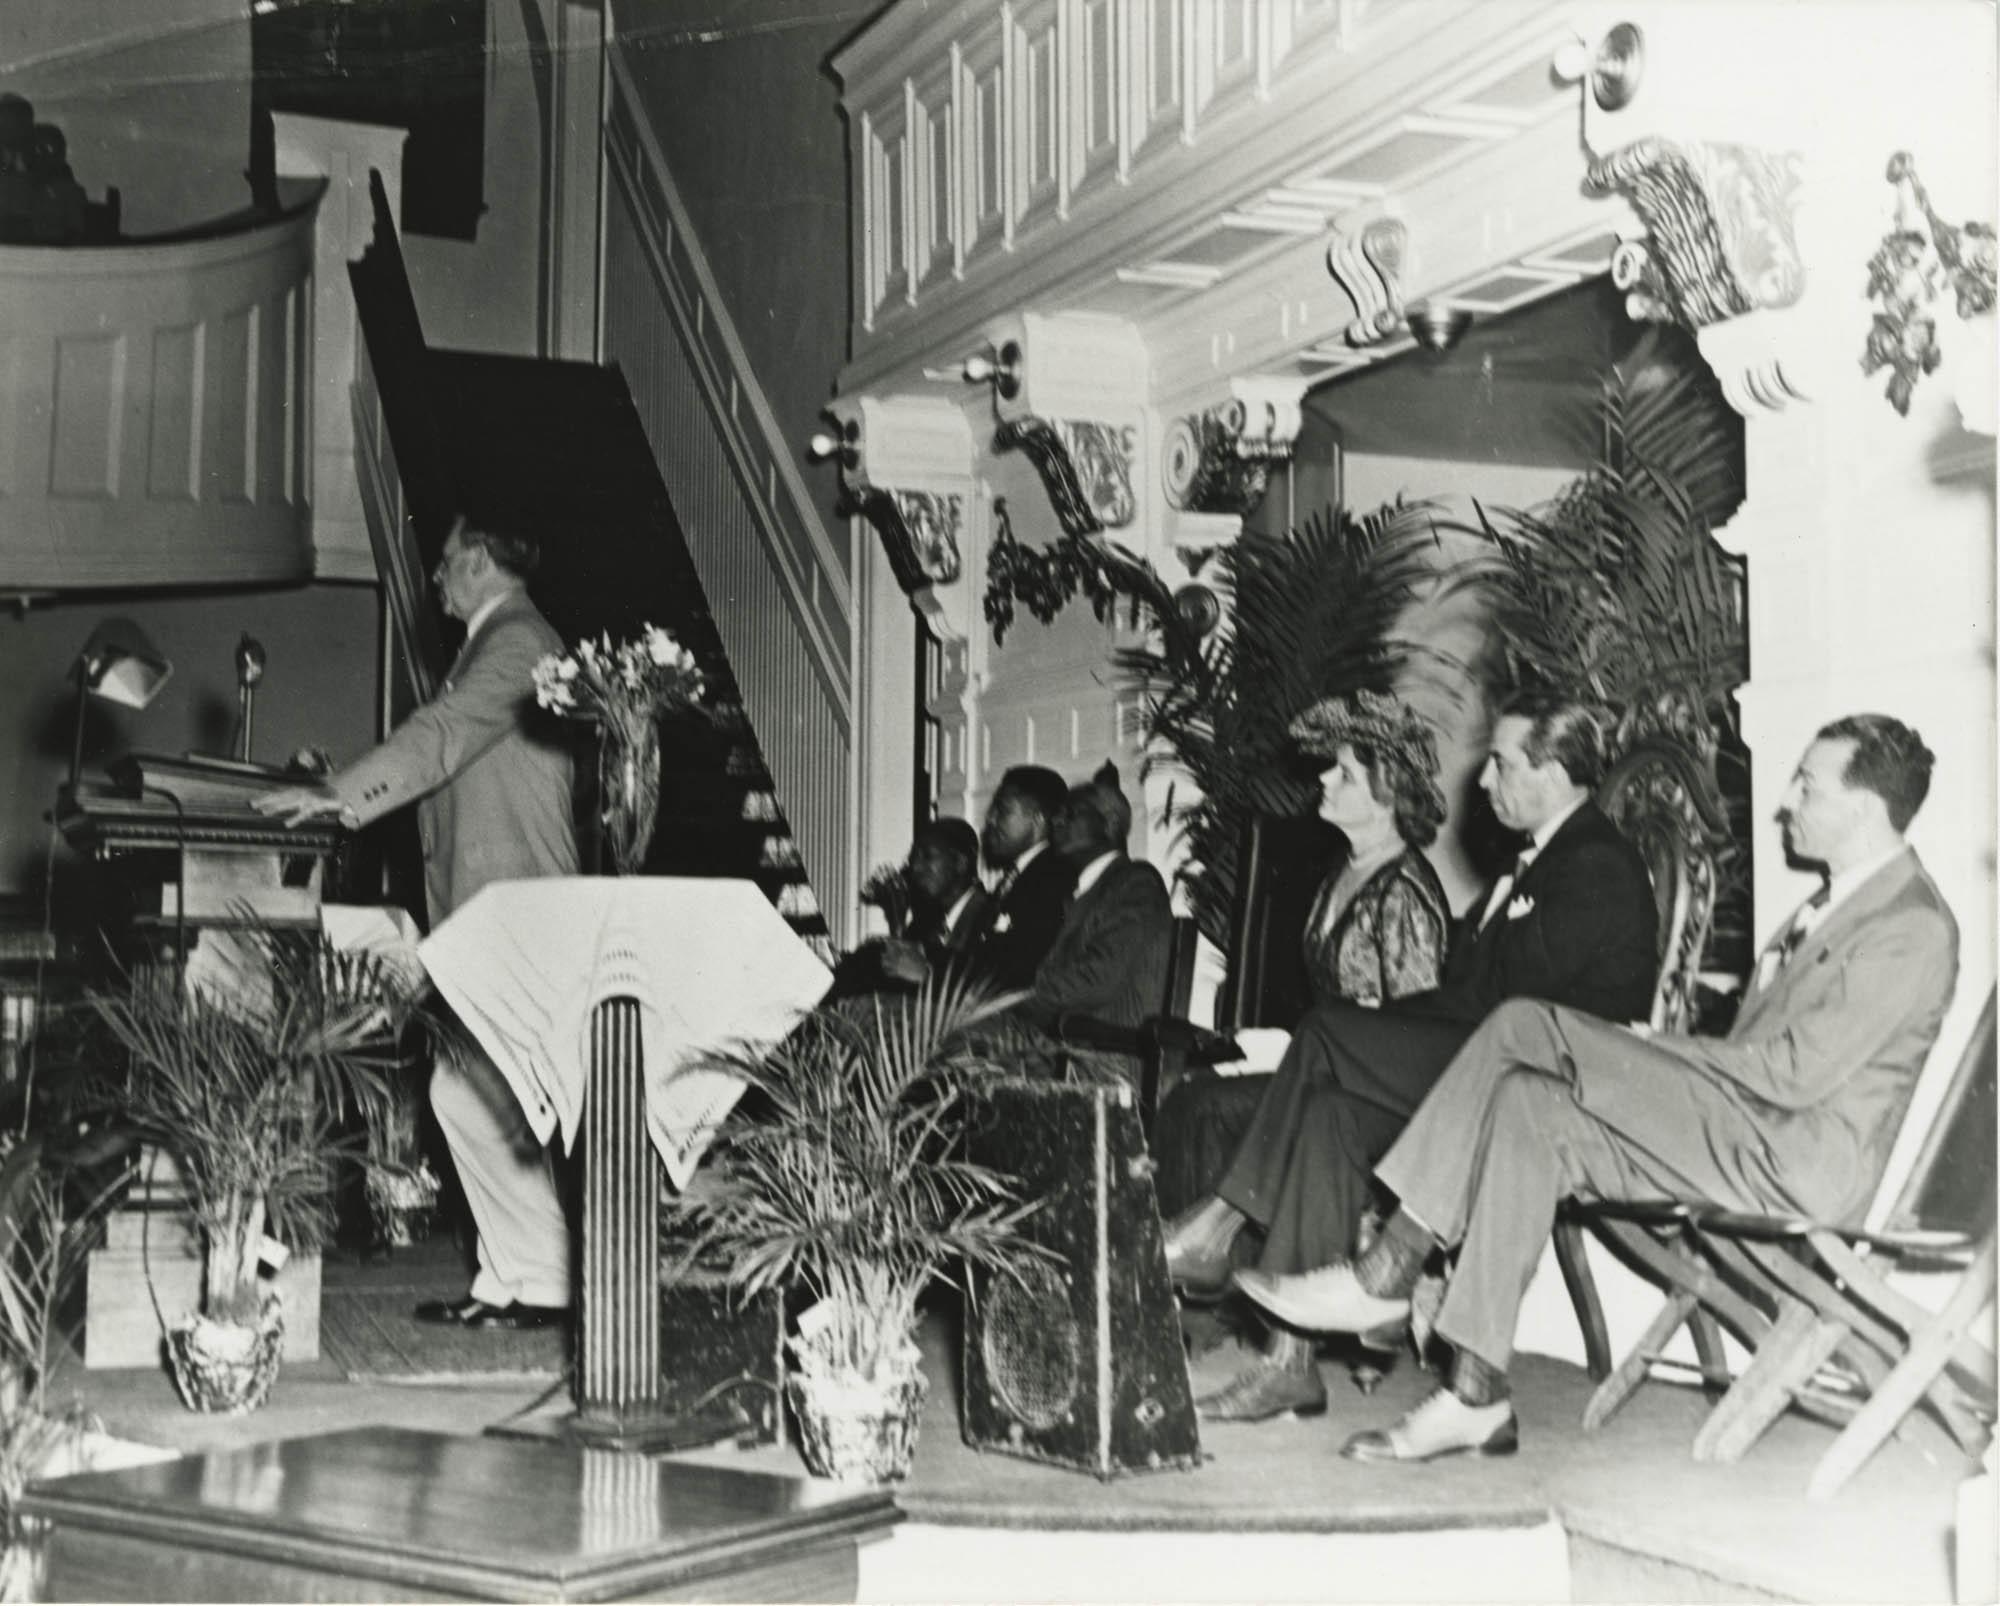 Photograph of J. Waties Waring Speaking